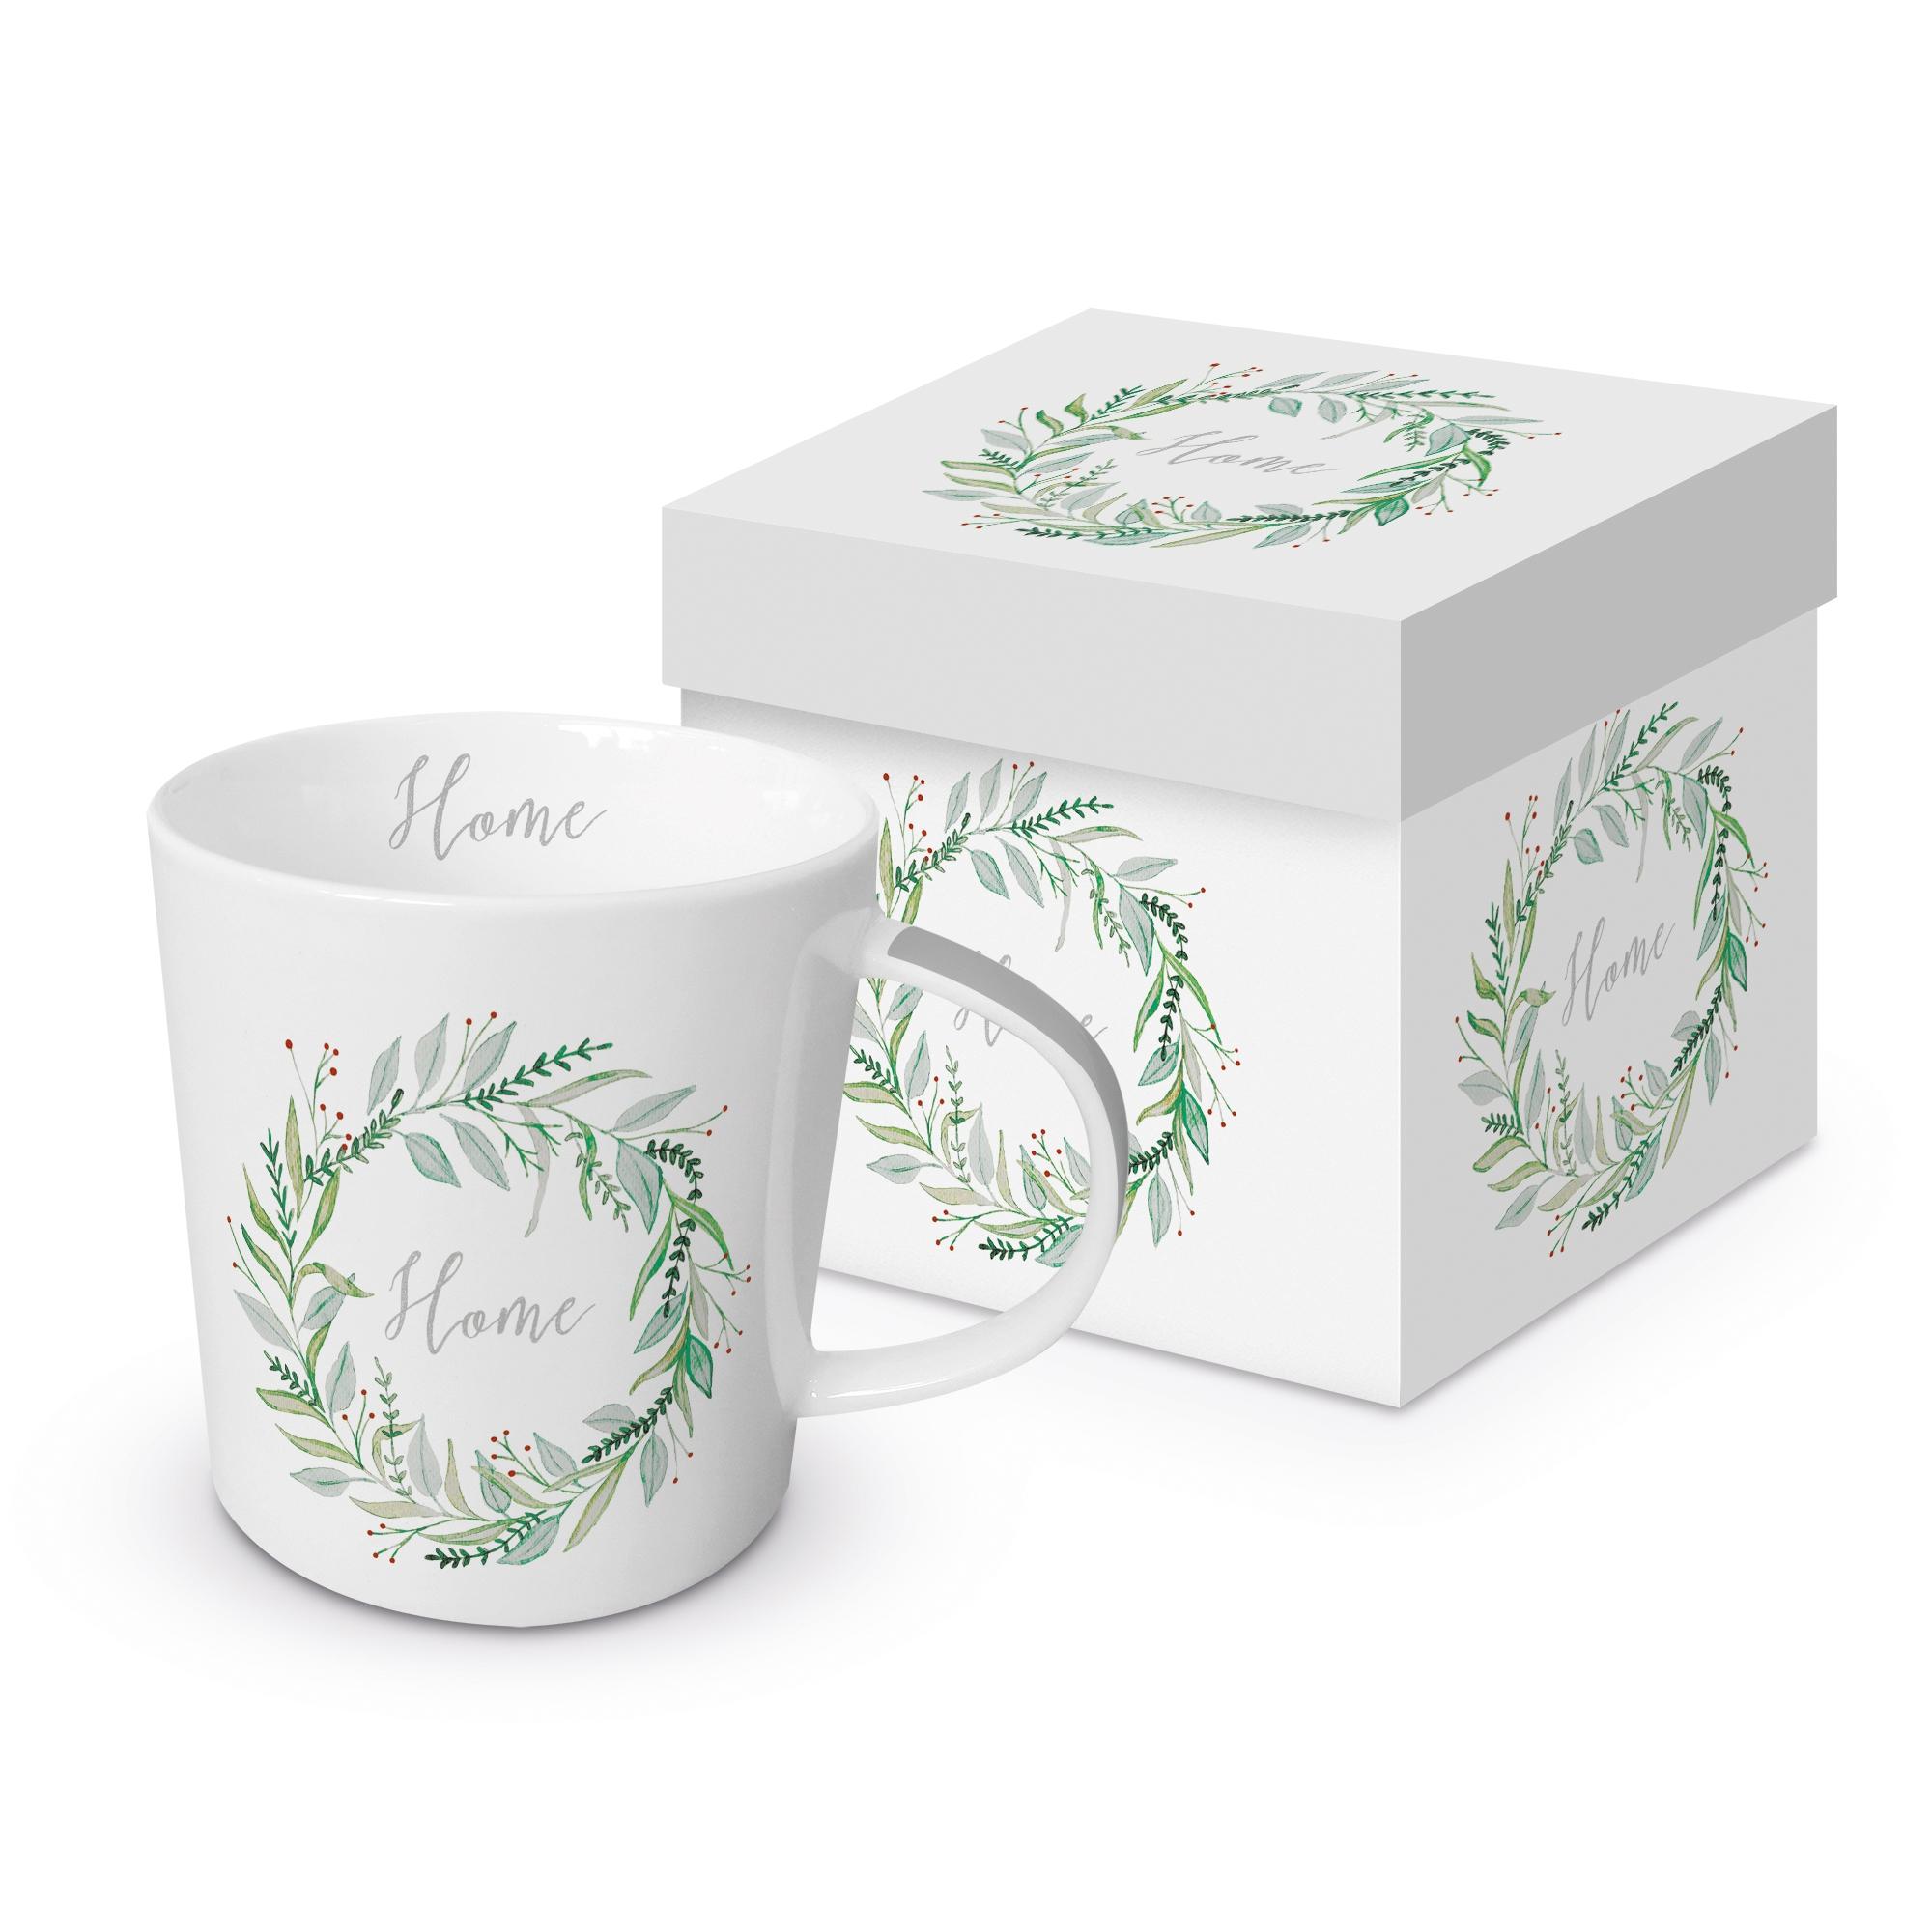 Taza de porcelana con mango - Home Trend